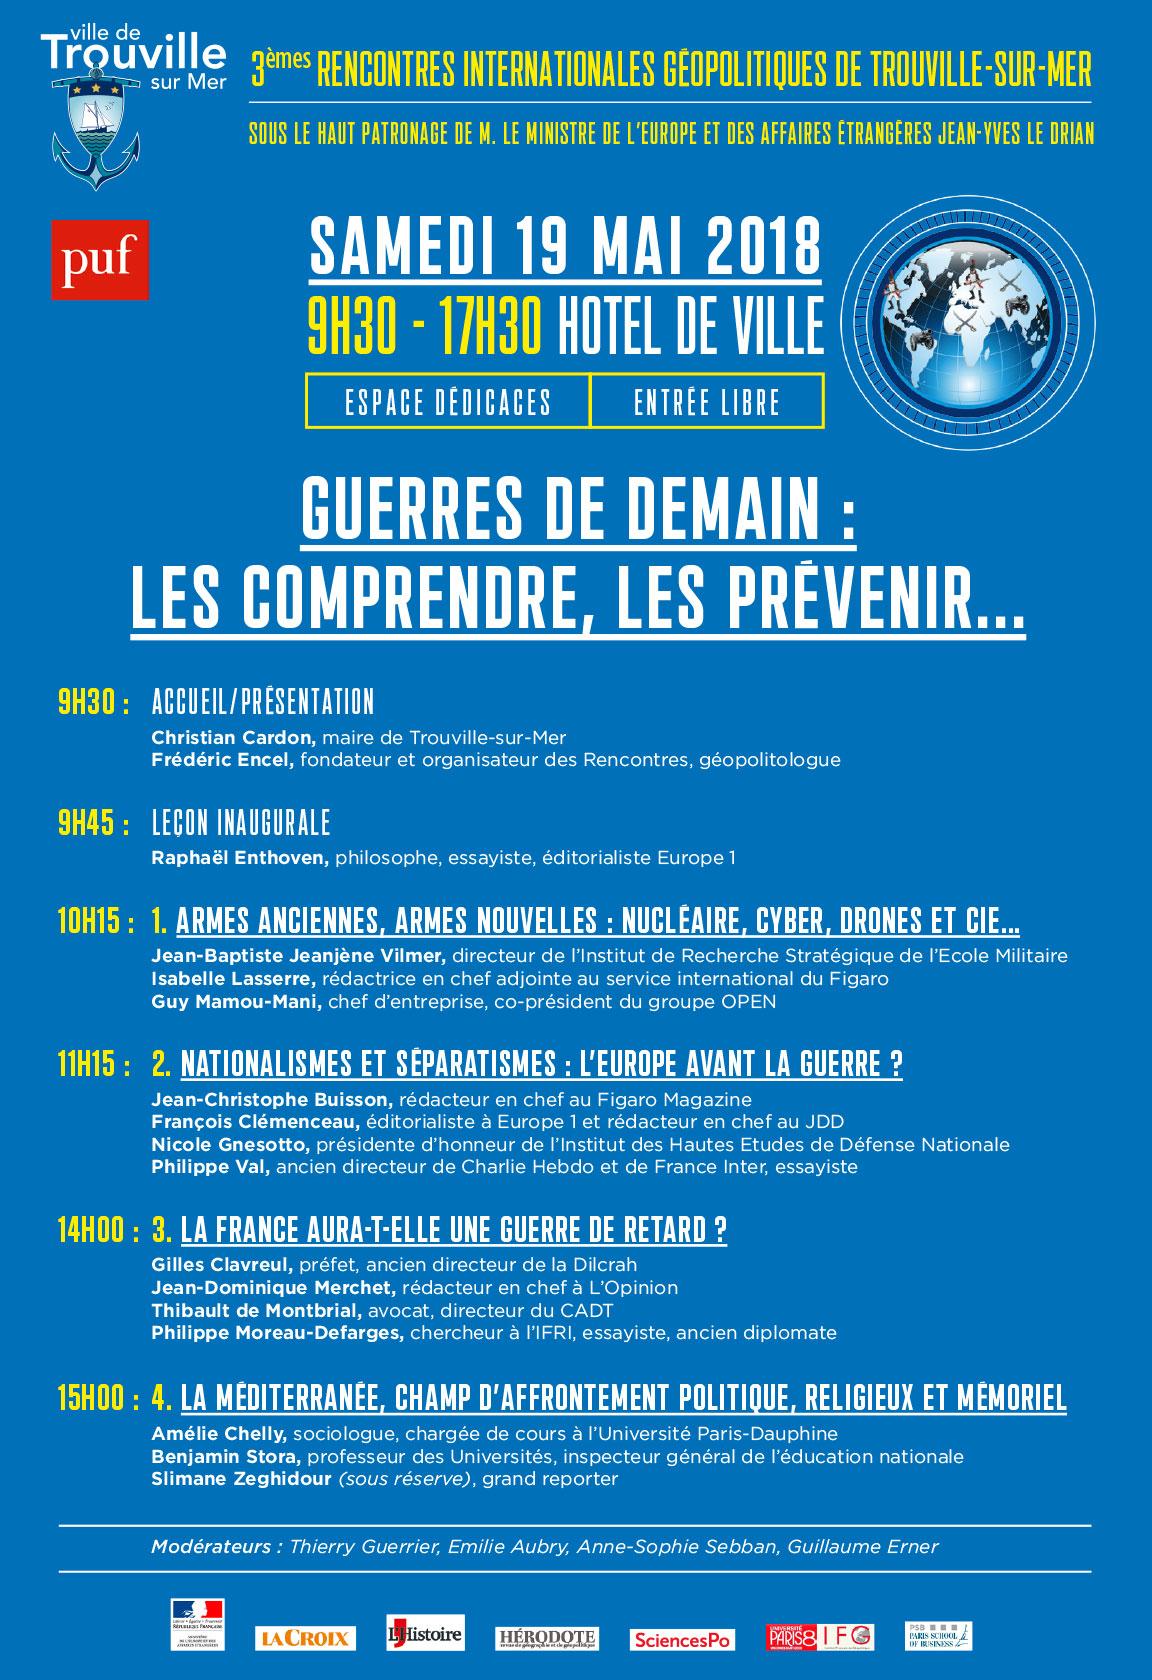 Thibault de Montbrial, invité des 3émes rencontres internationales géopolitiques de Trouvilles-sur-Mer 2